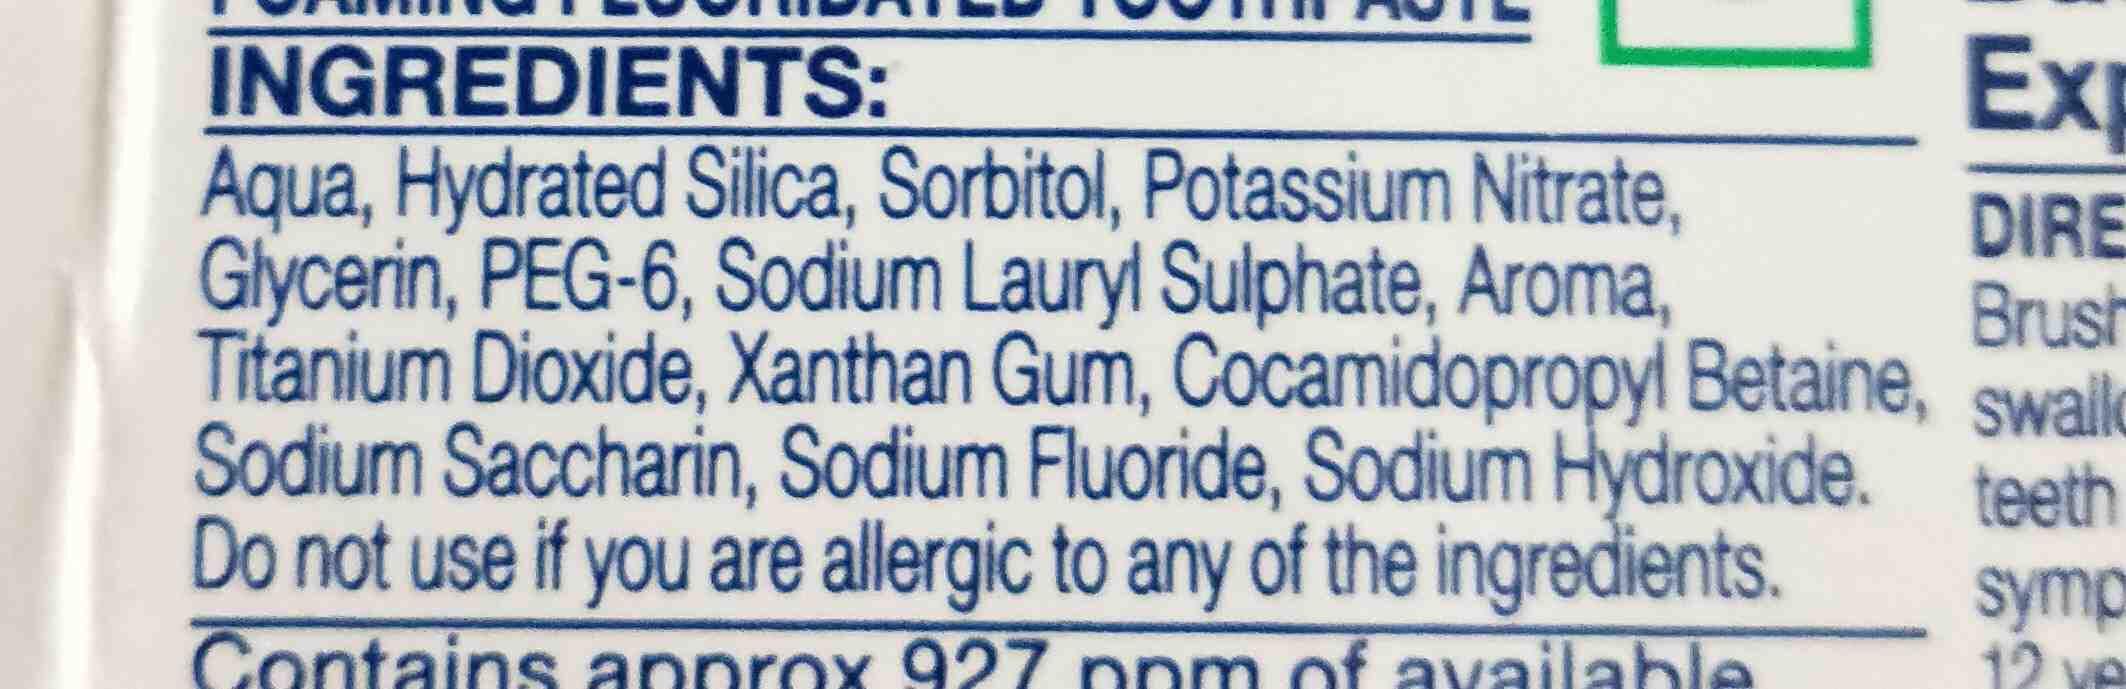 Sensodyne toothpaste - Ingredients - en